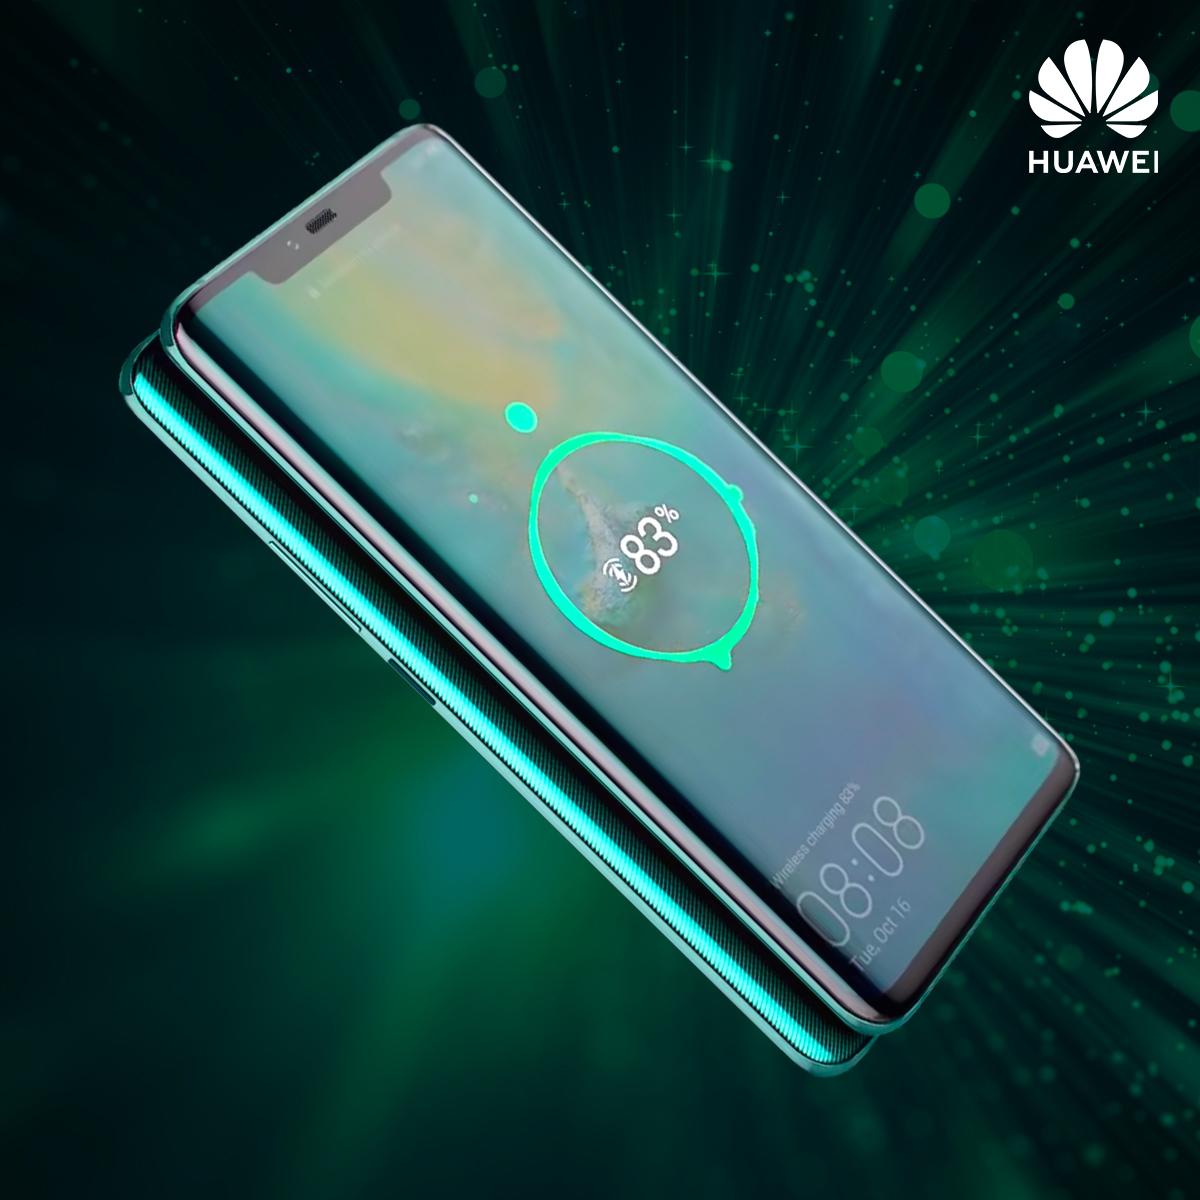 """عصر جديد من التقنية  """"خاصية الشحن العكسي اللاسلكي من Huawei Mate 20 Pro"""""""